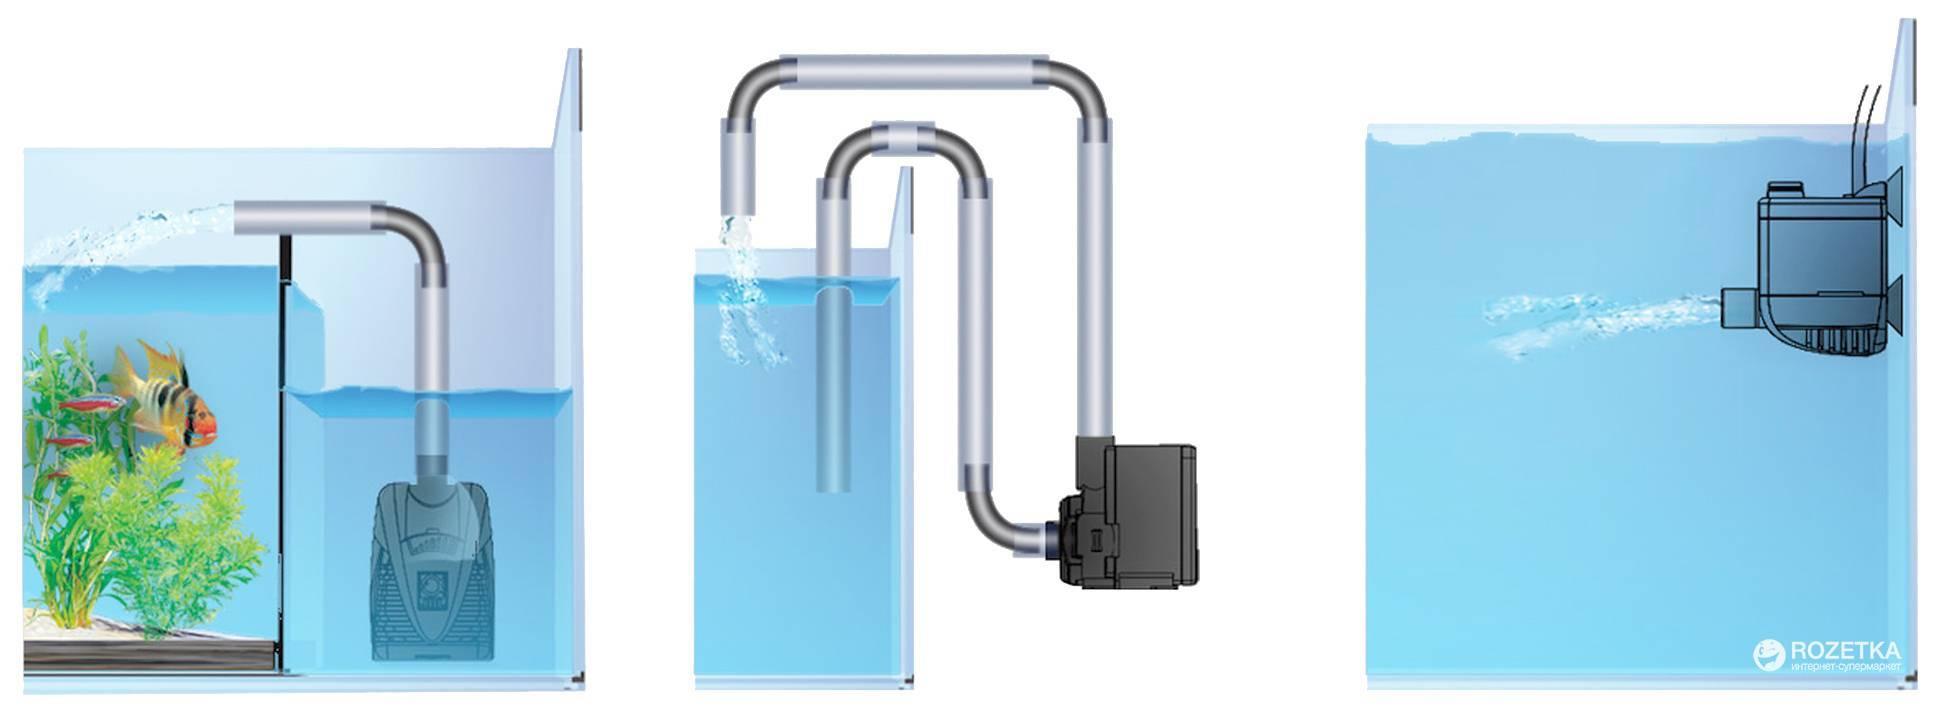 Как охлаждать воду в аквариуме: народные способы охлаждения, использование специальных охладителей